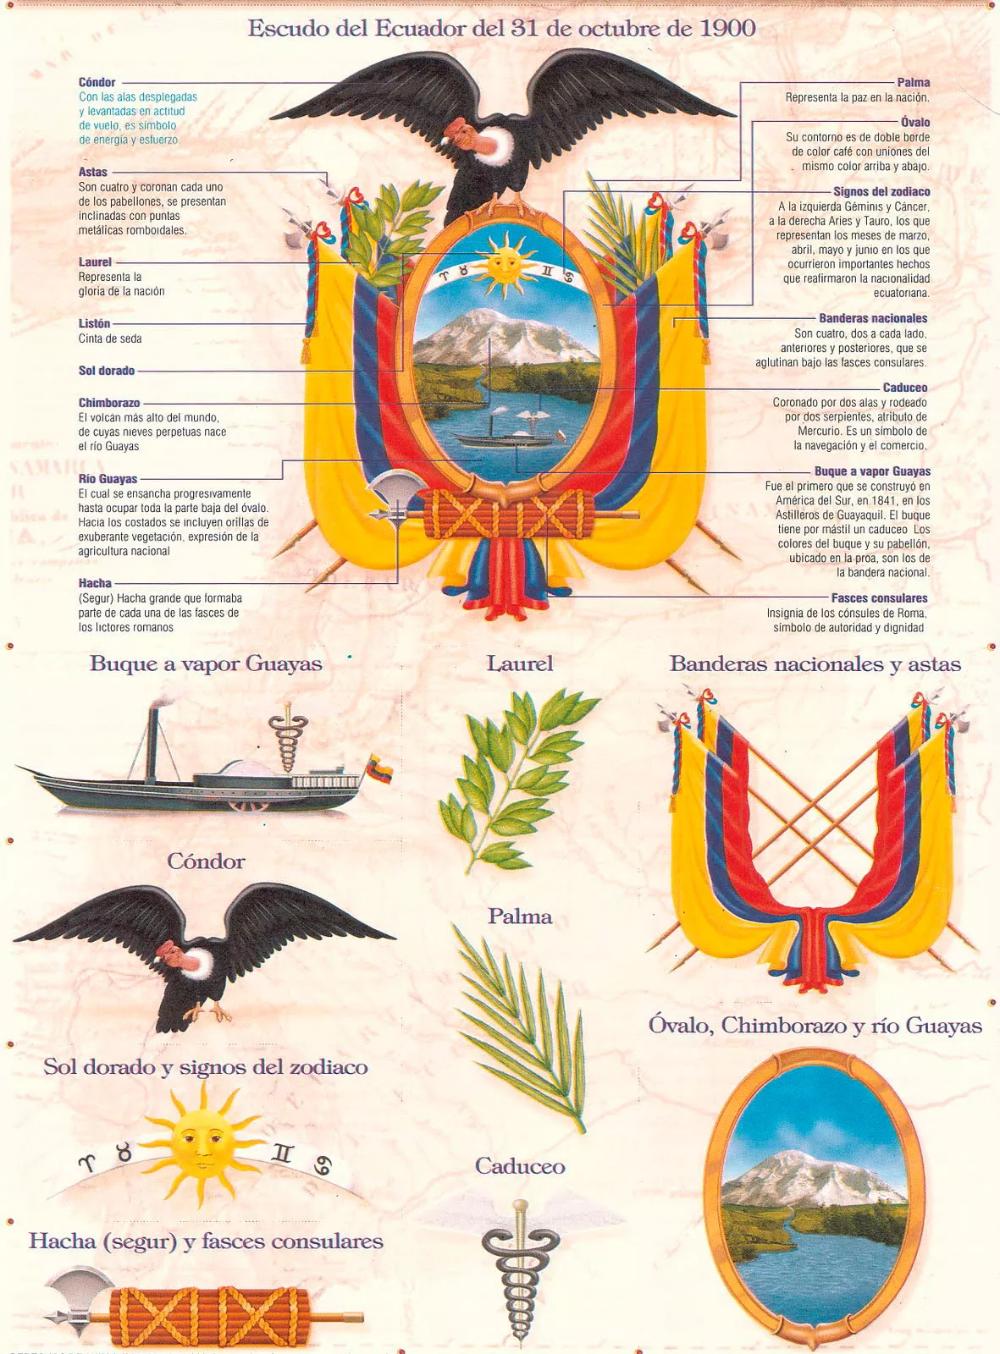 15 Elementos Del Escudo Del Ecuador Y Su Significado Foros Ecuador 2019 Inca Tattoo Polynesian Art Illustrators